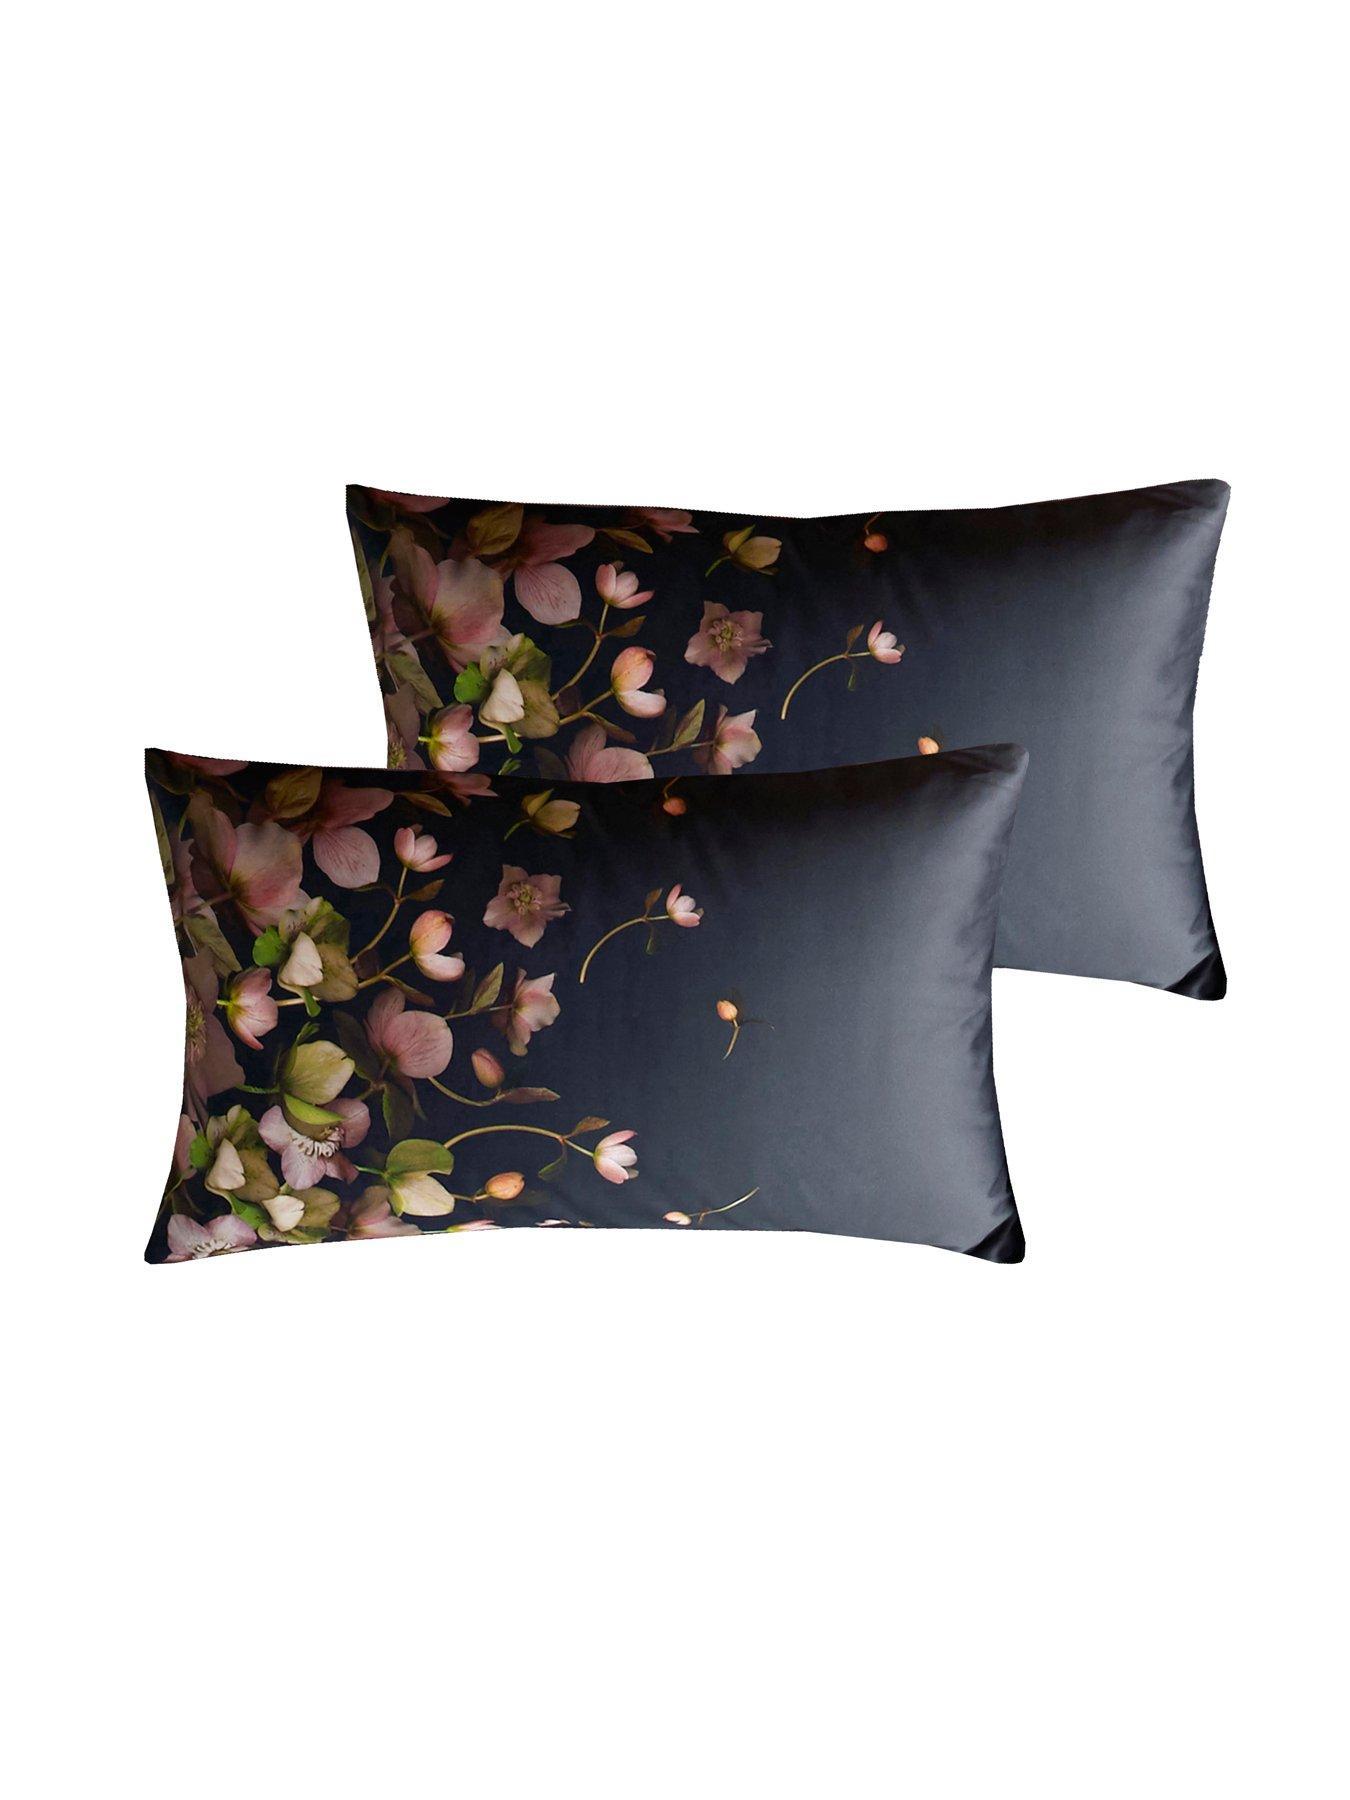 Pillow cases   Bedding   Home & garden   very.co.uk